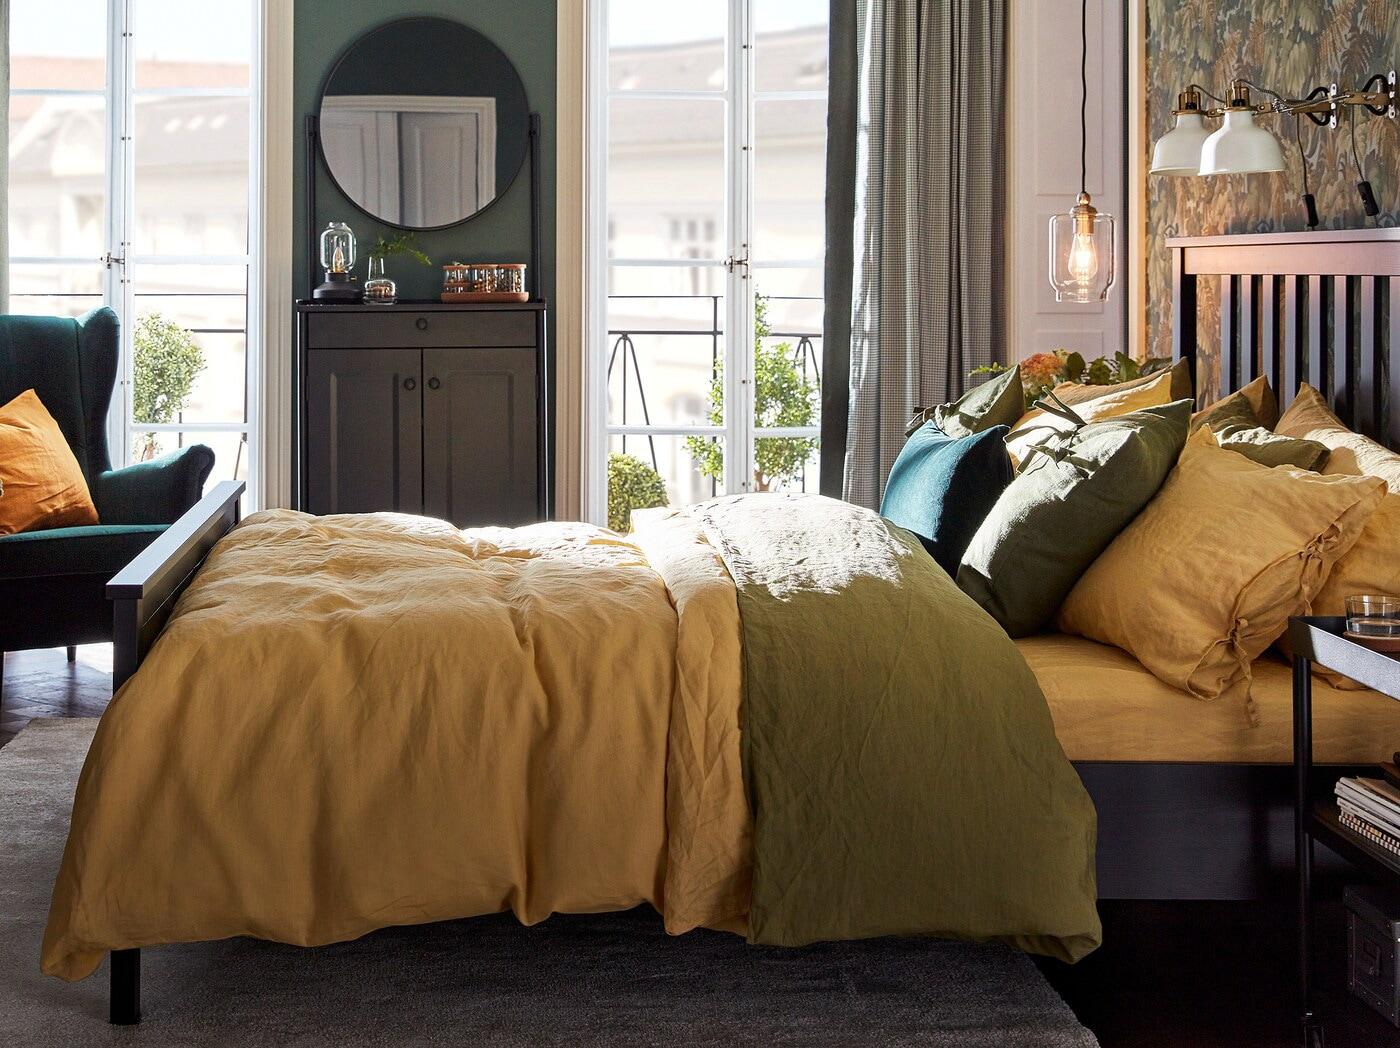 Dans une chambre à coucher, lit avec taies d'oreiller et housses de couette vertes et jaunes, armoire à miroir et fauteuil à oreilles vert.